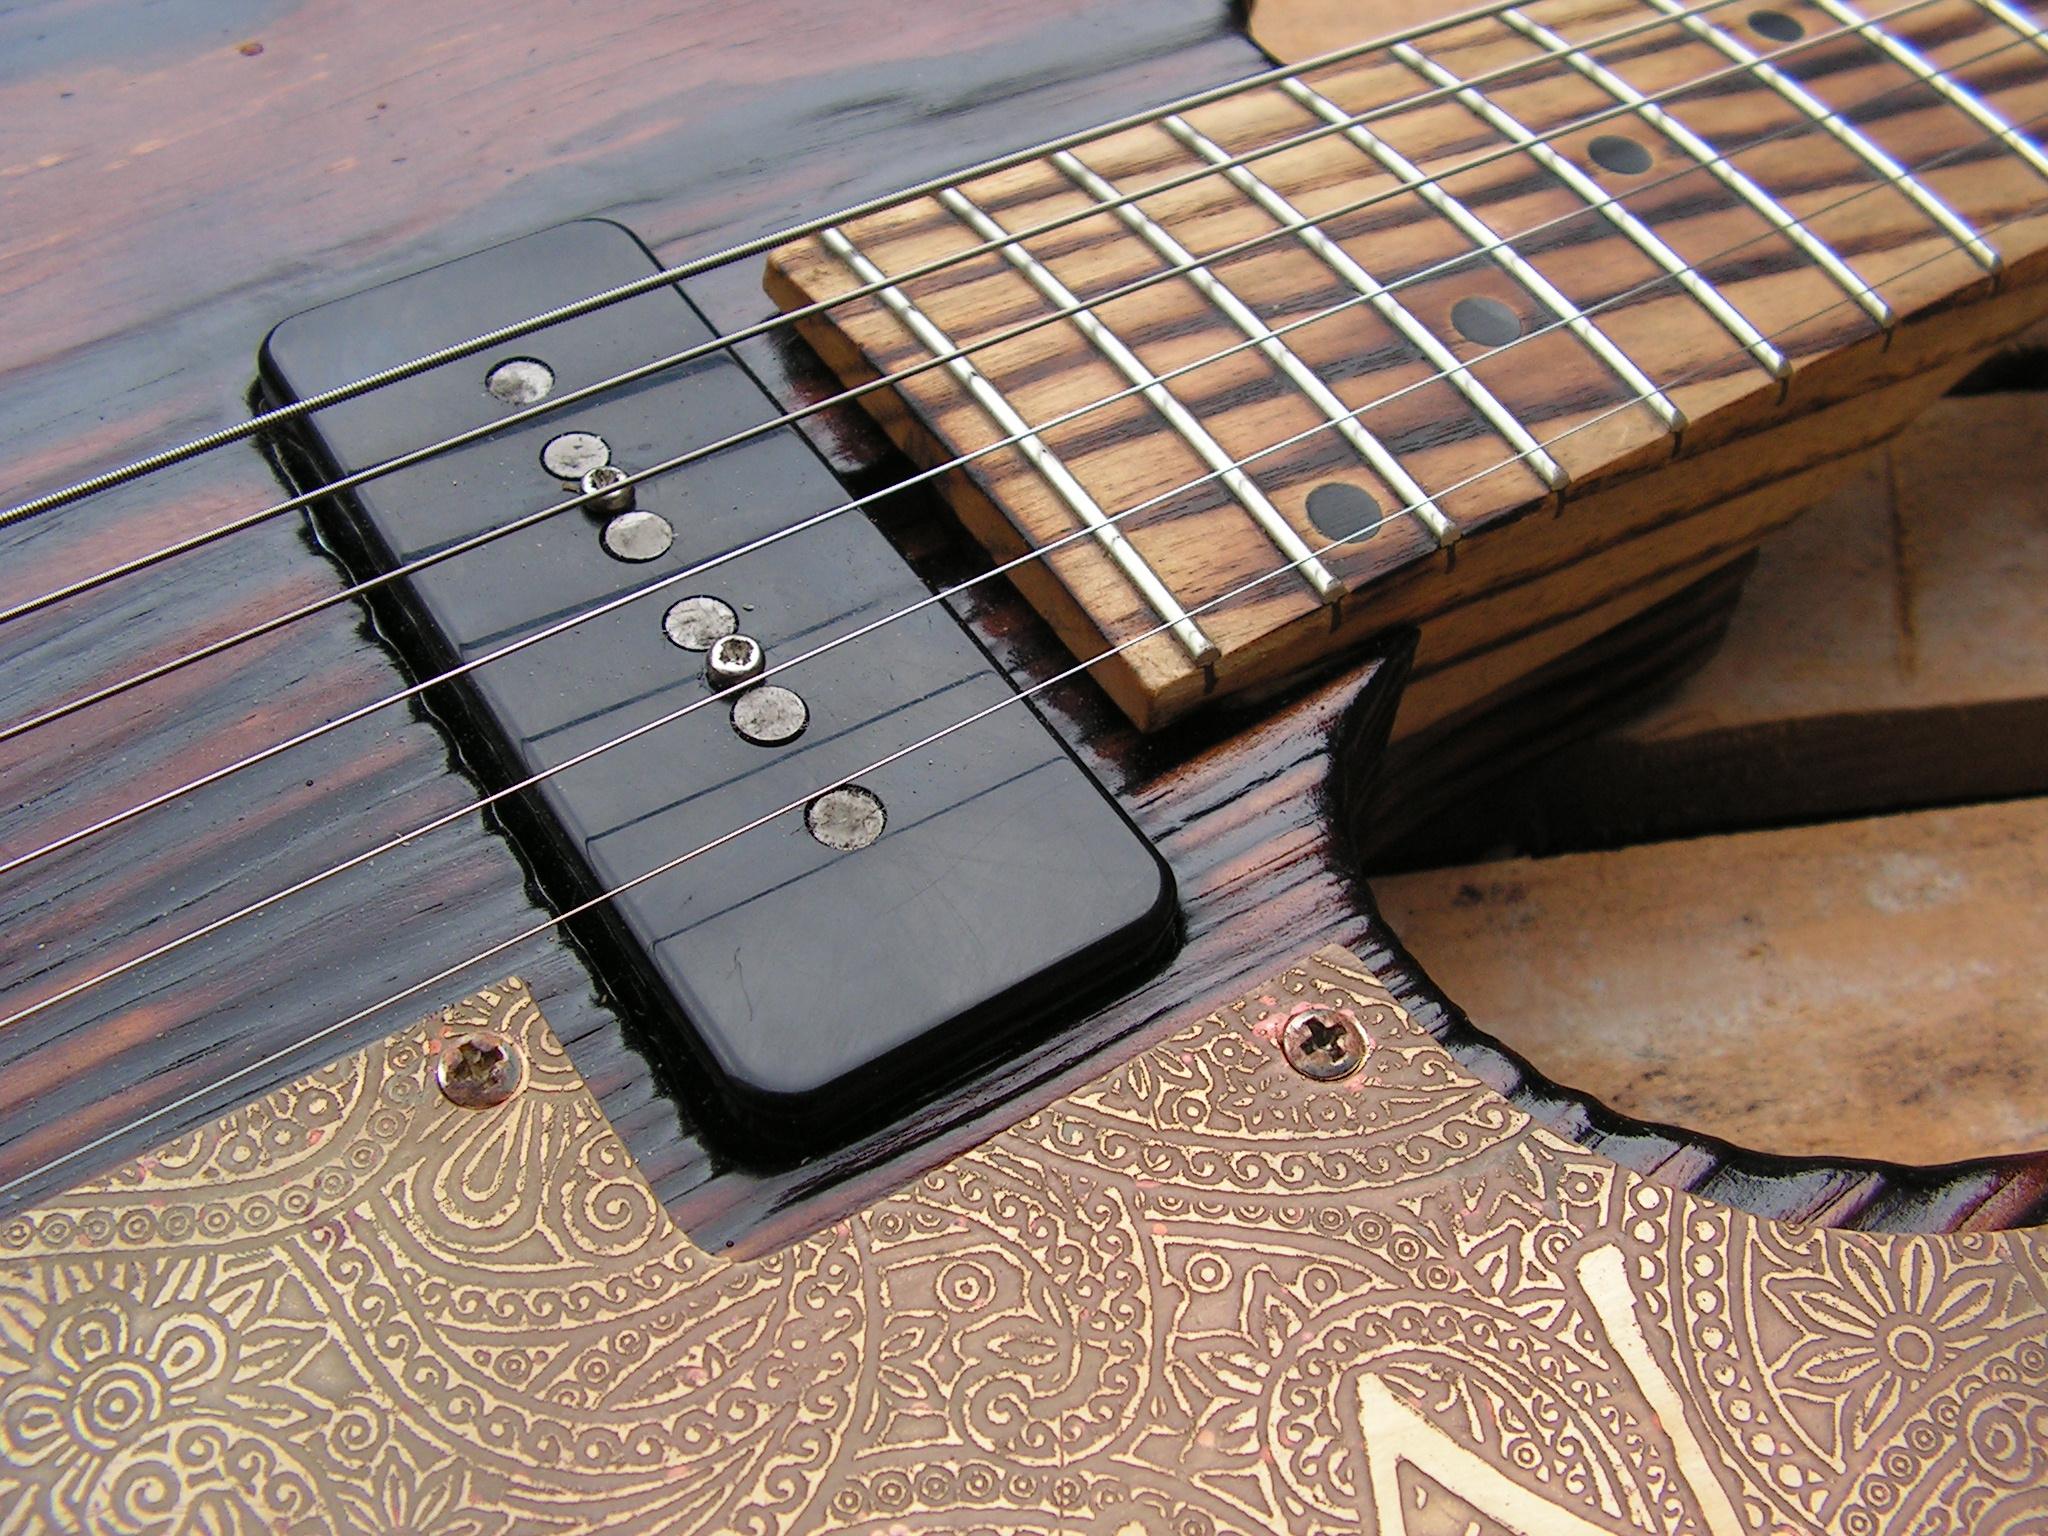 Pickup al manico di una chitarra elettrica telecaster in pino